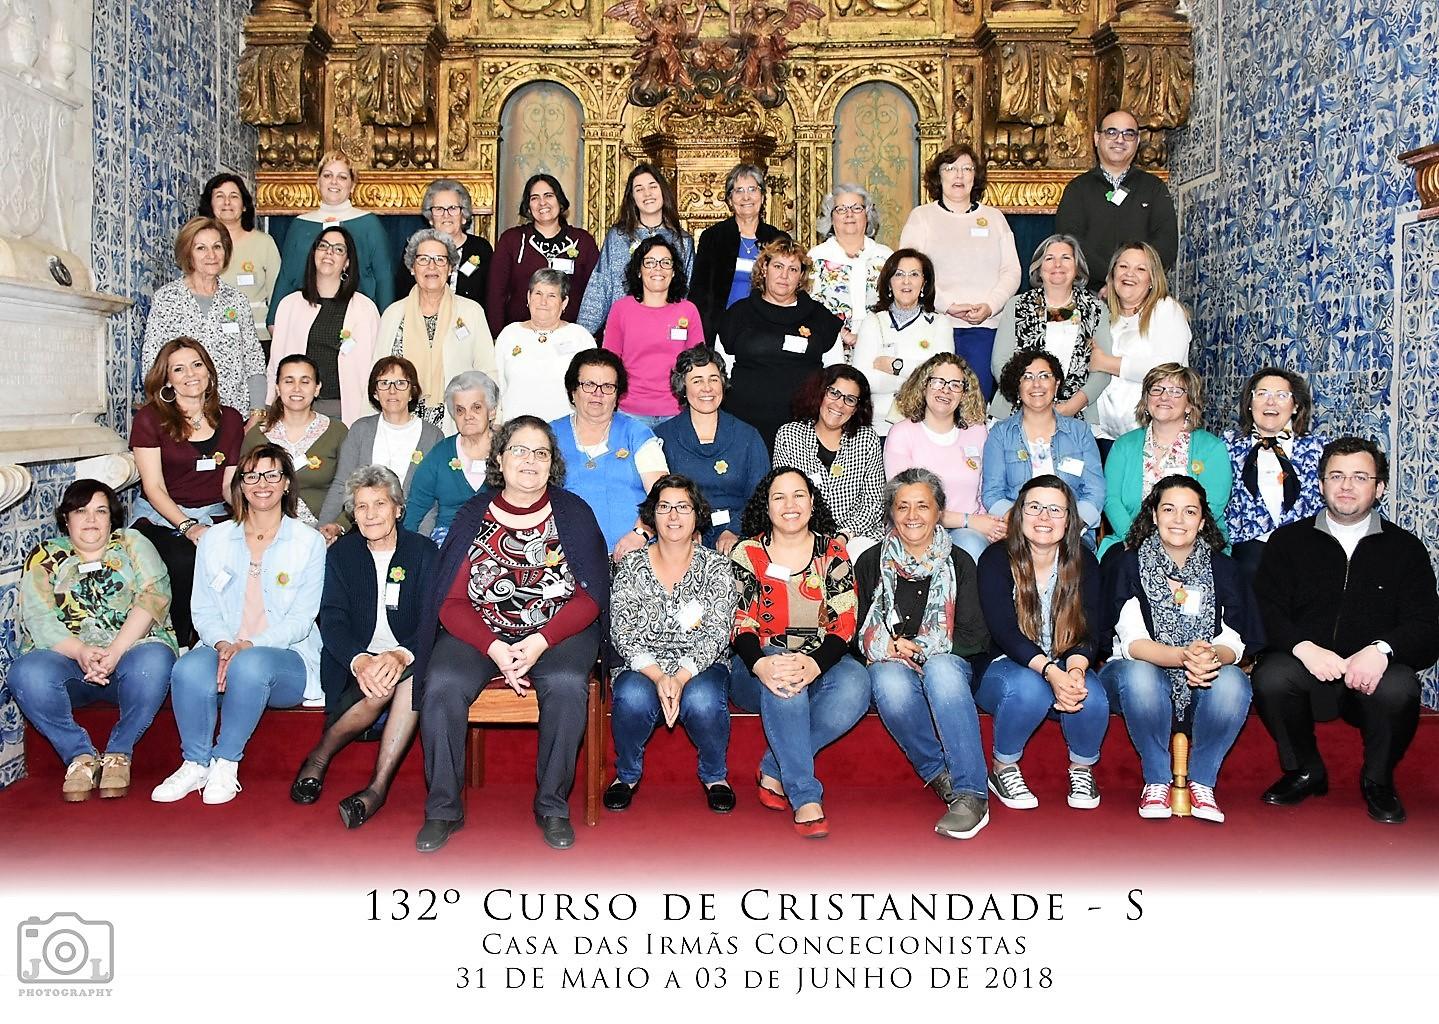 CURSILHO 132º SENHORAS